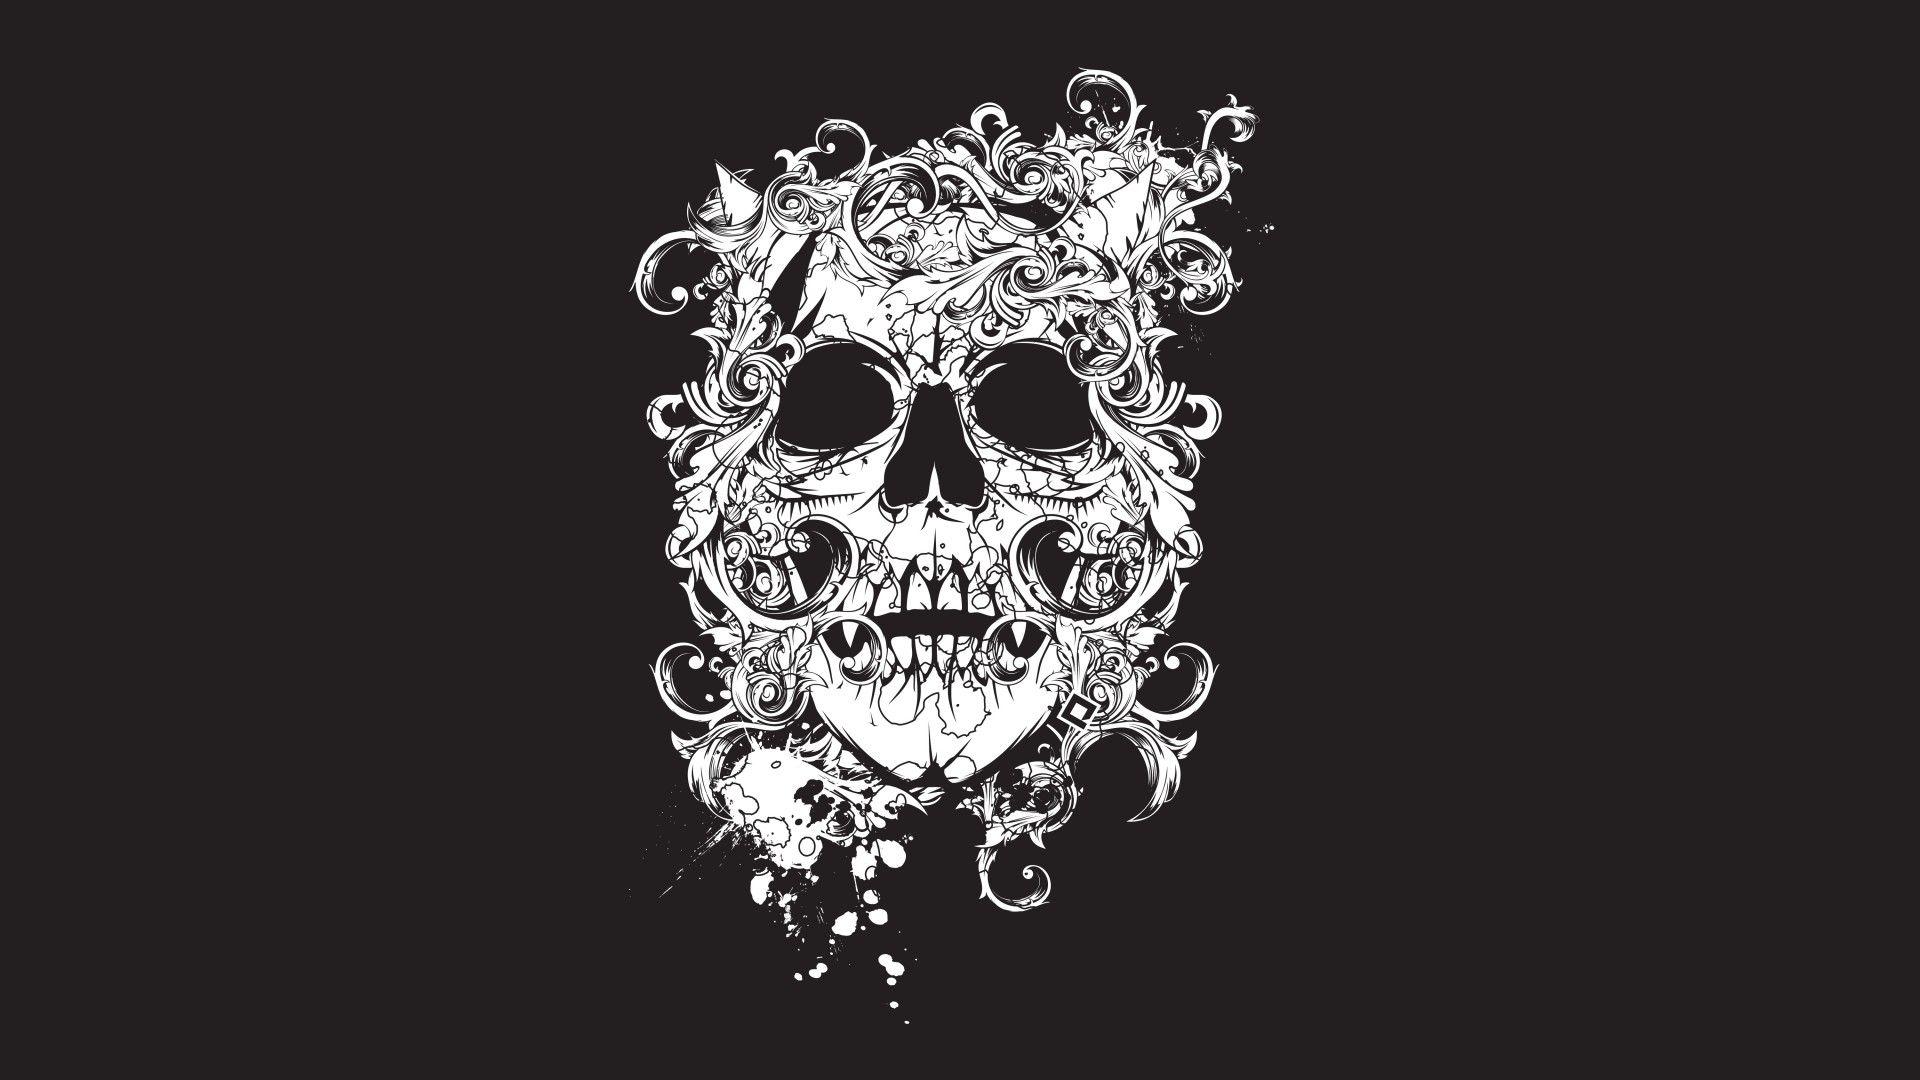 scull, black, tatto, decor 3840x2160 wallpaper